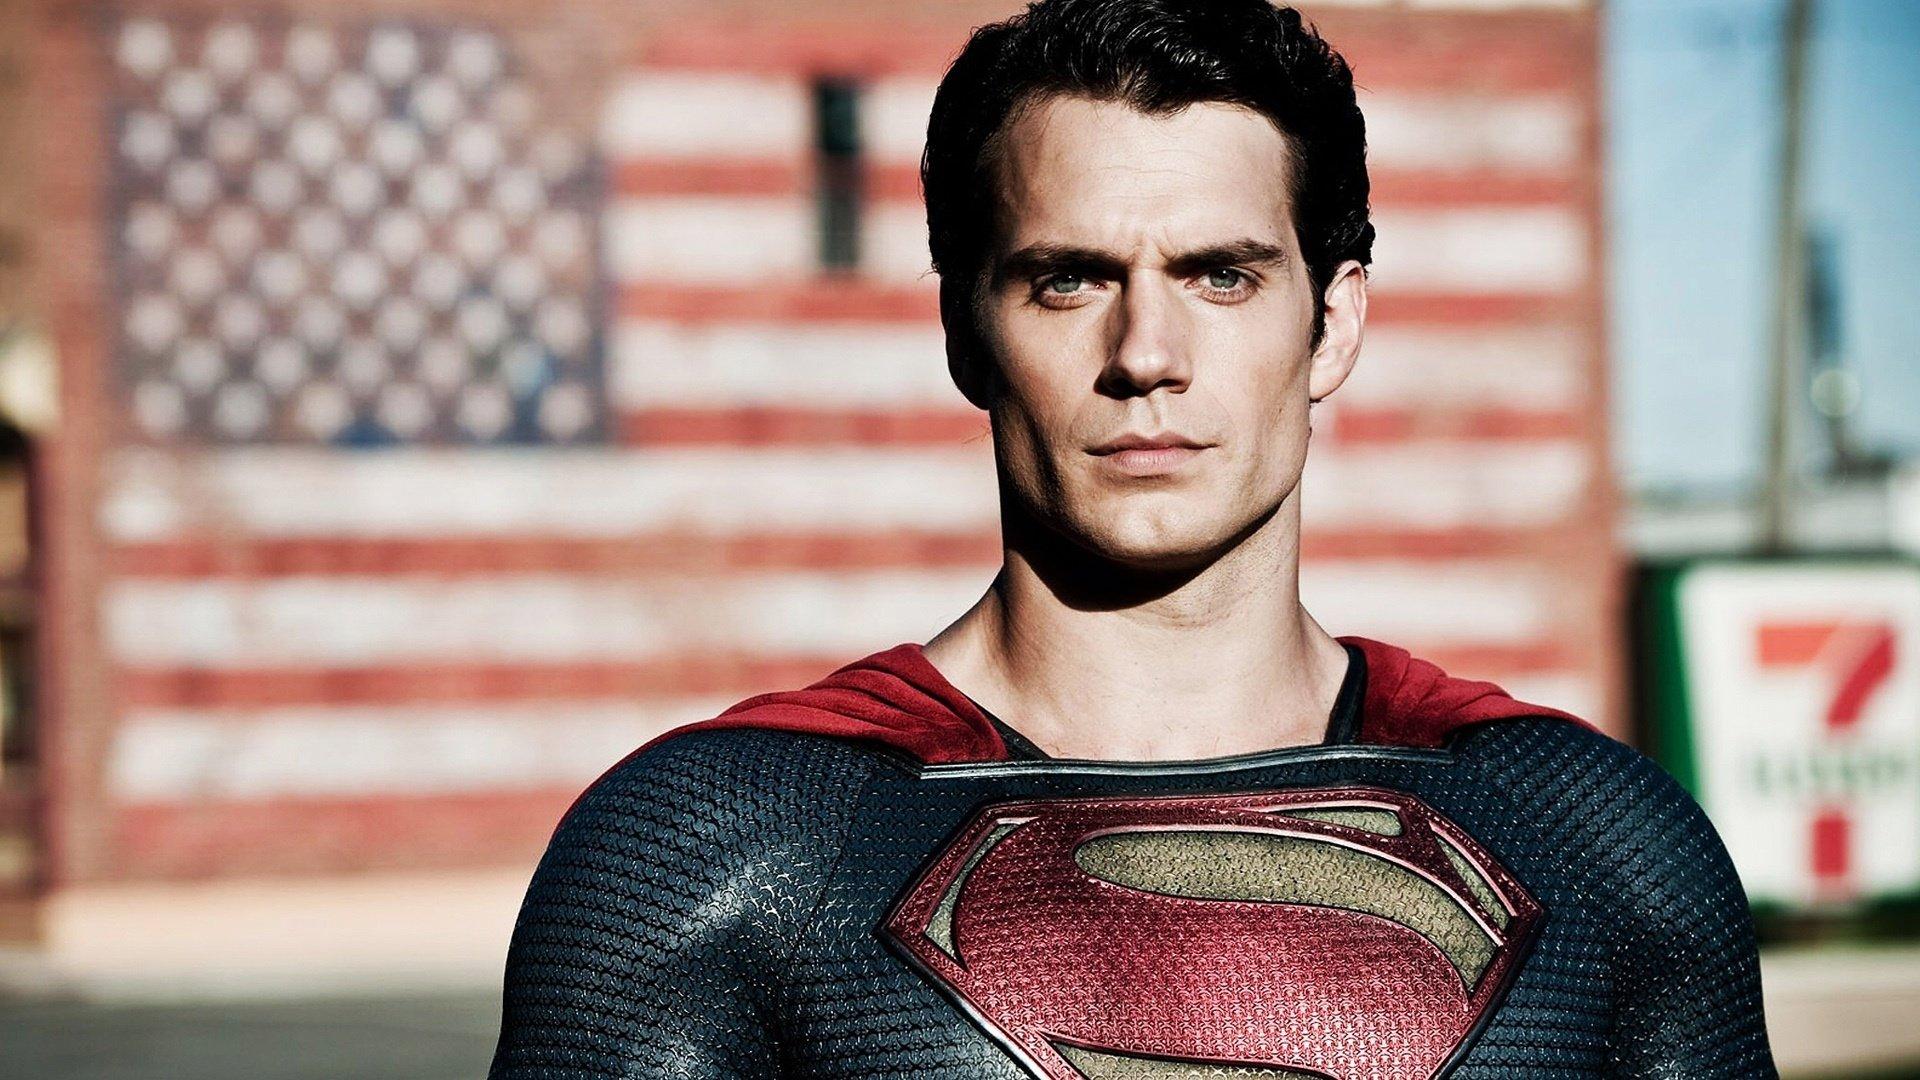 Henry Cavill (Superman) - Man of Steel